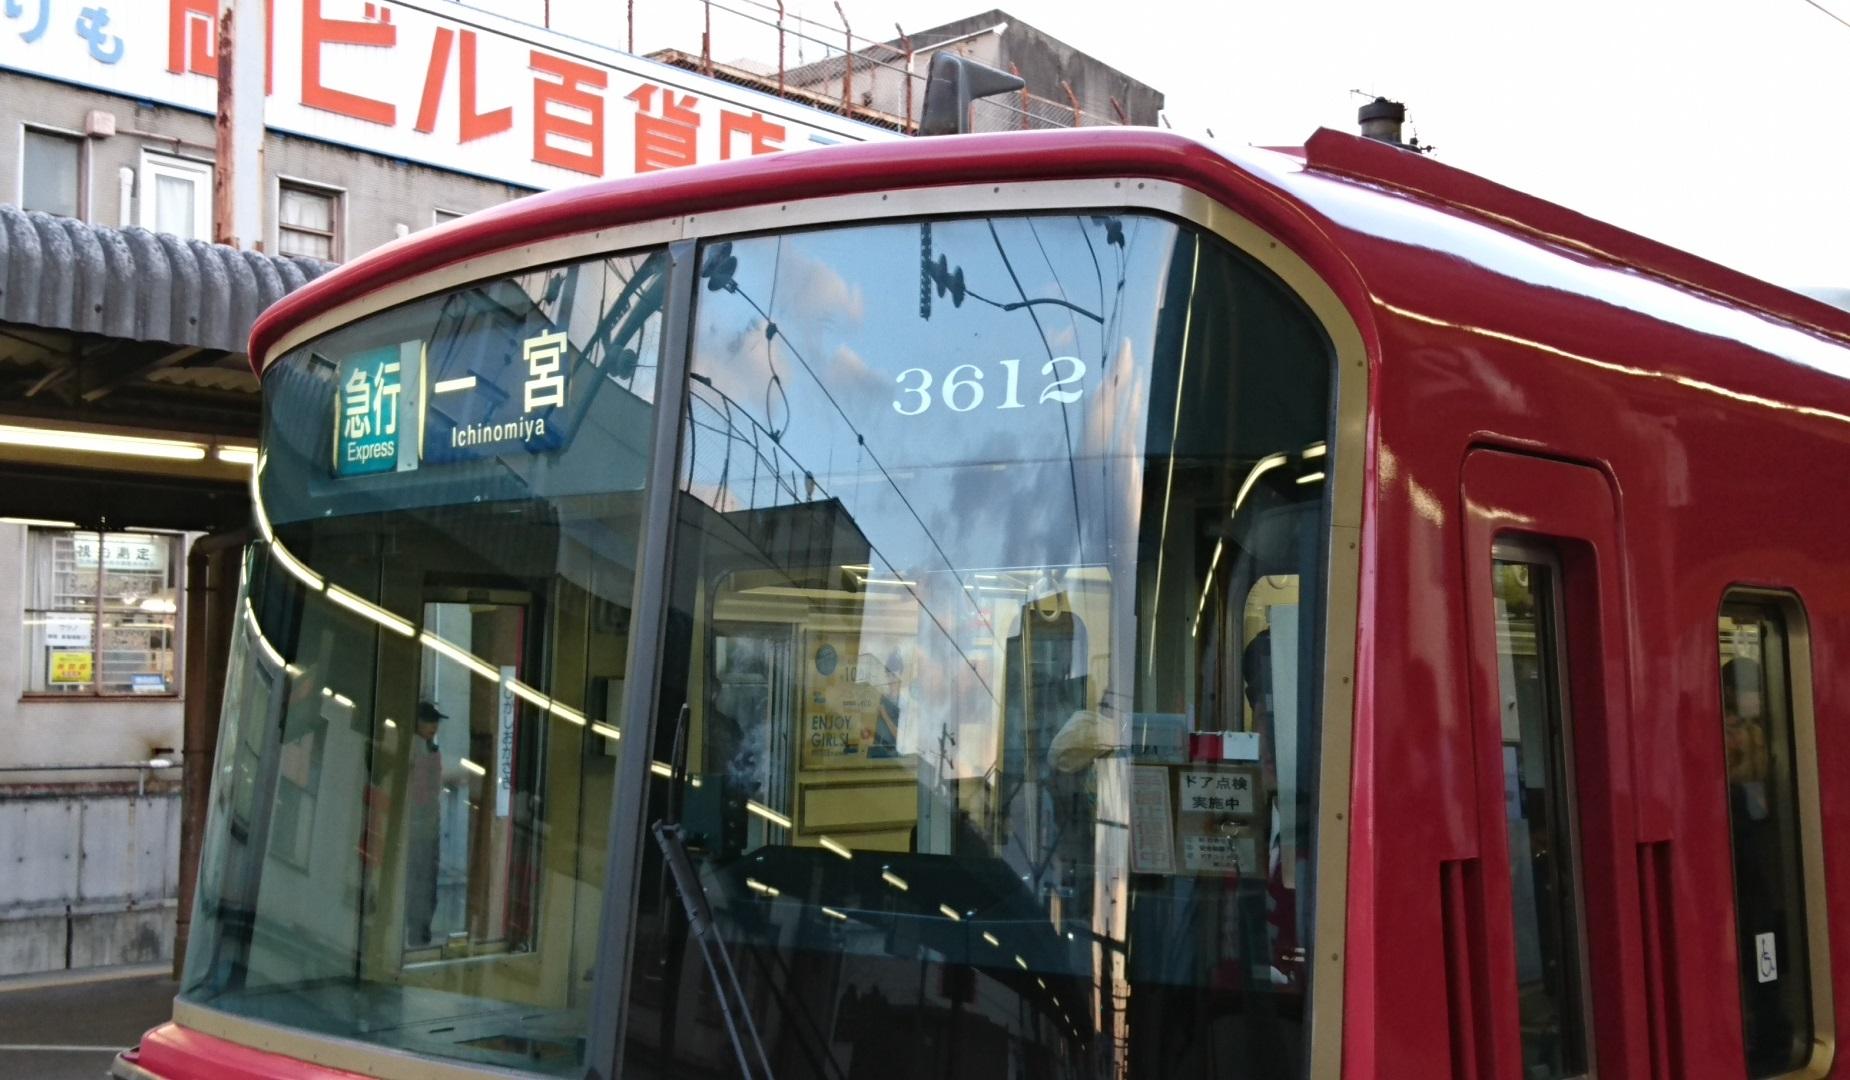 2017.1.12 (57) 東岡崎 - 一宮いき急行(3612)1850-1080